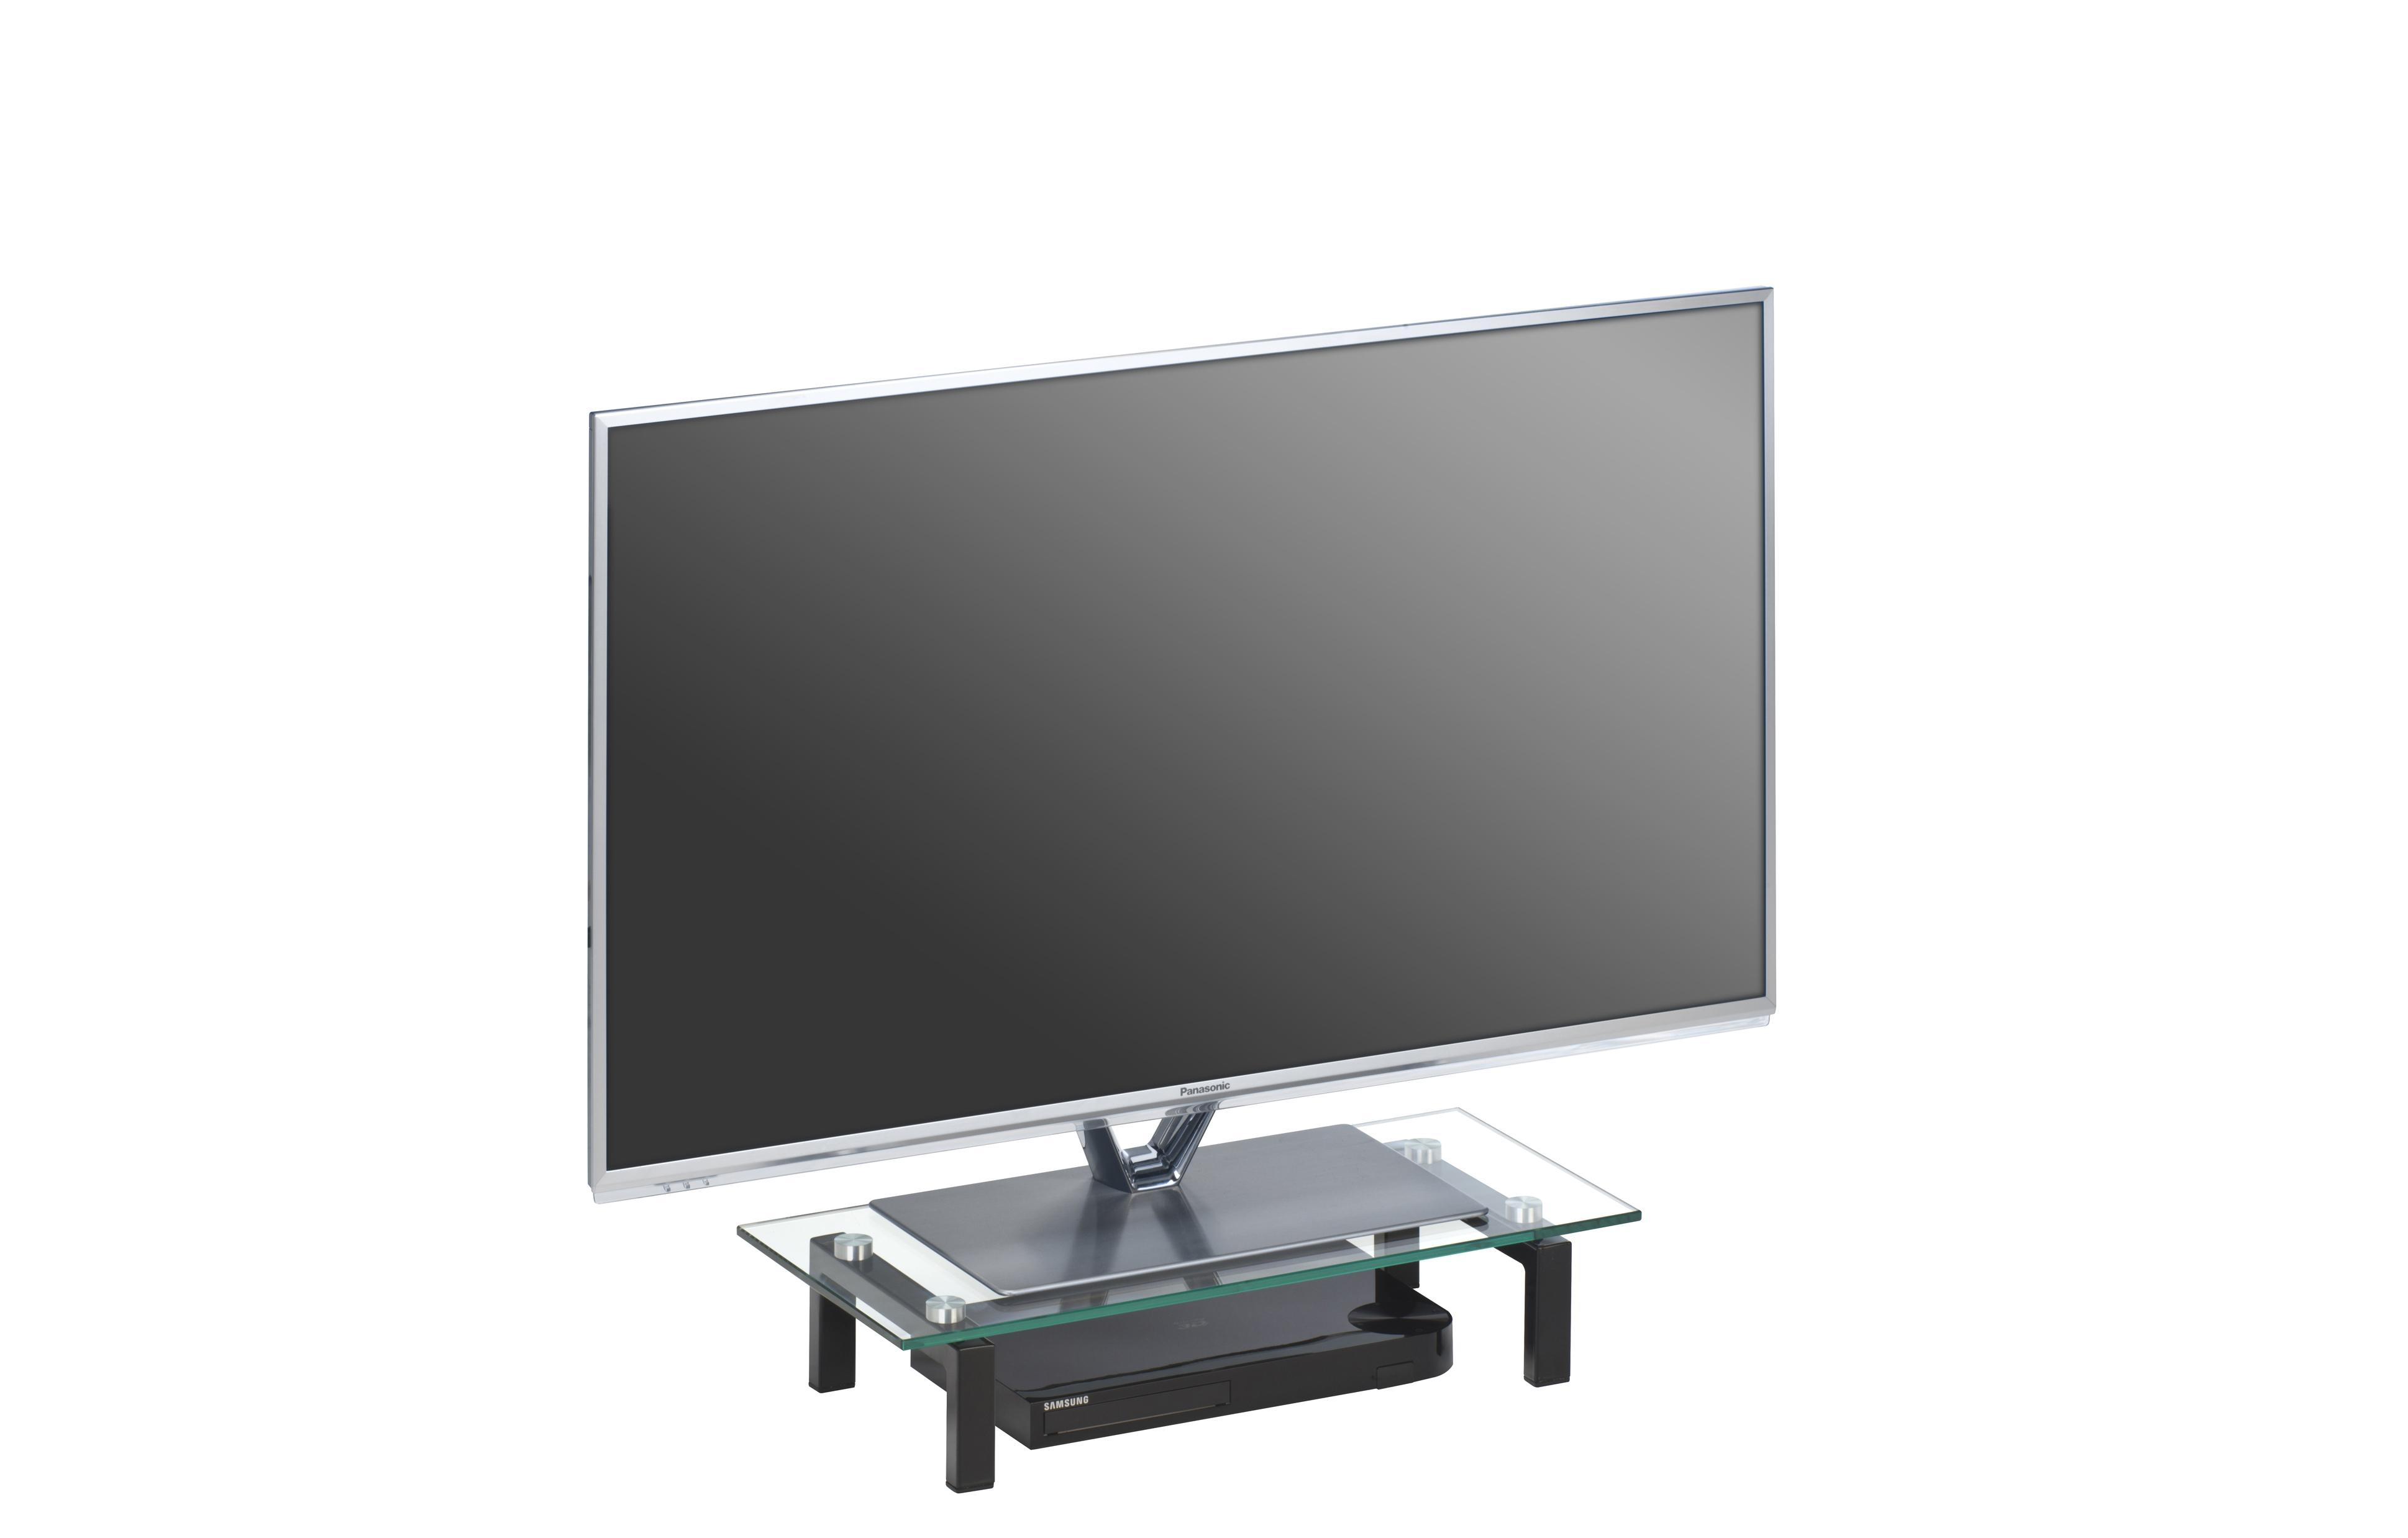 Tv Glasaufsatz Podest Ca 60 Cm Breit Media 1602 Von Maja Metall